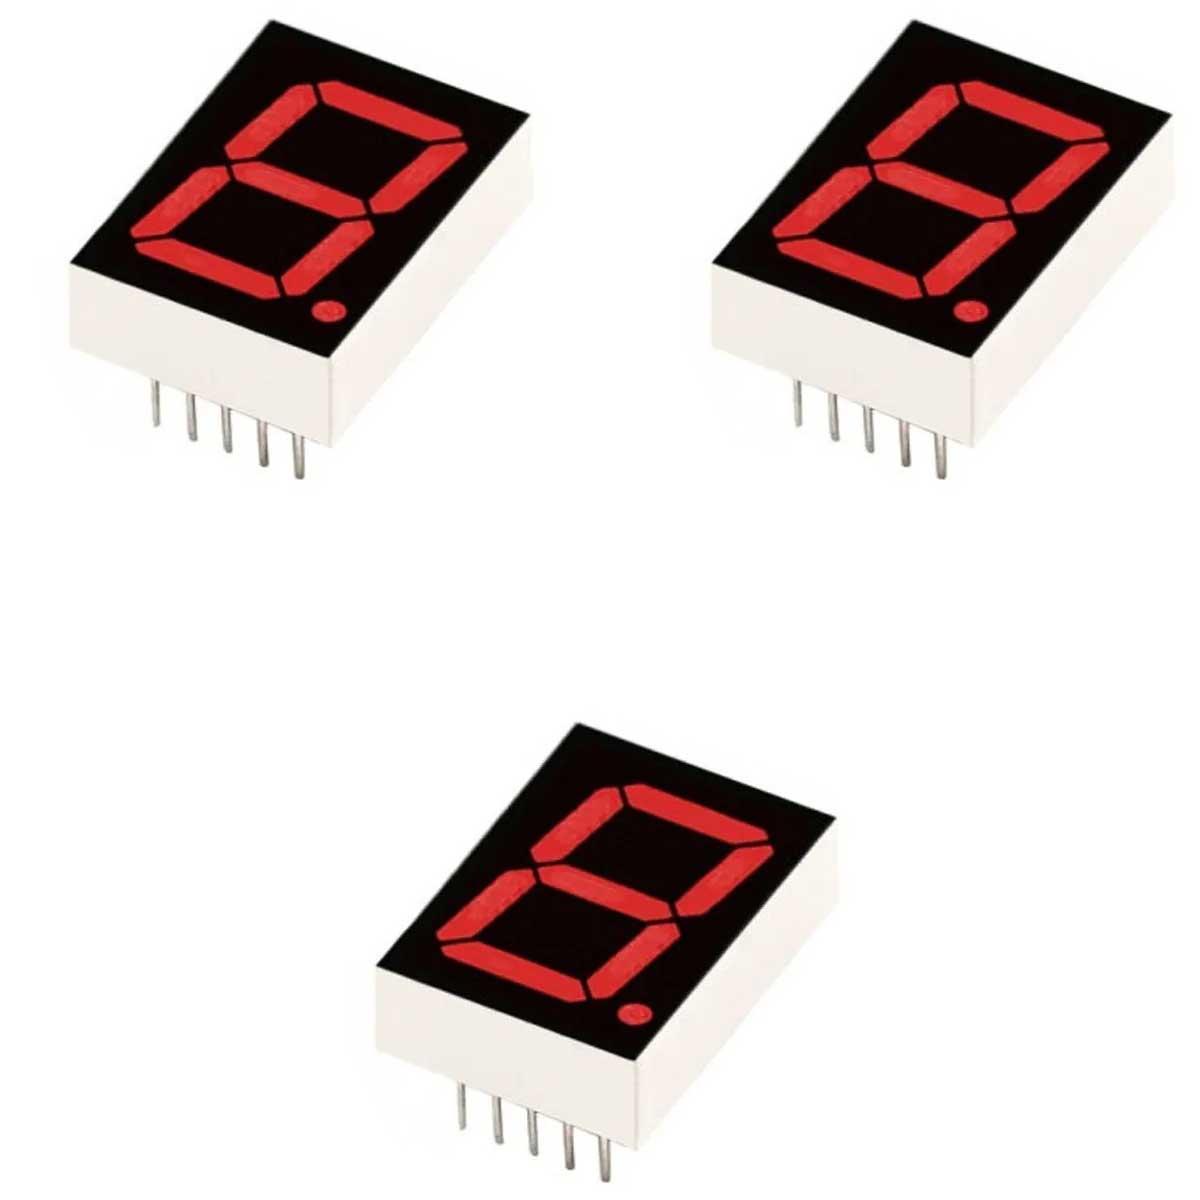 3x Display BCD 7 Segmento 1 Dígito Vermelho Catodo Comum